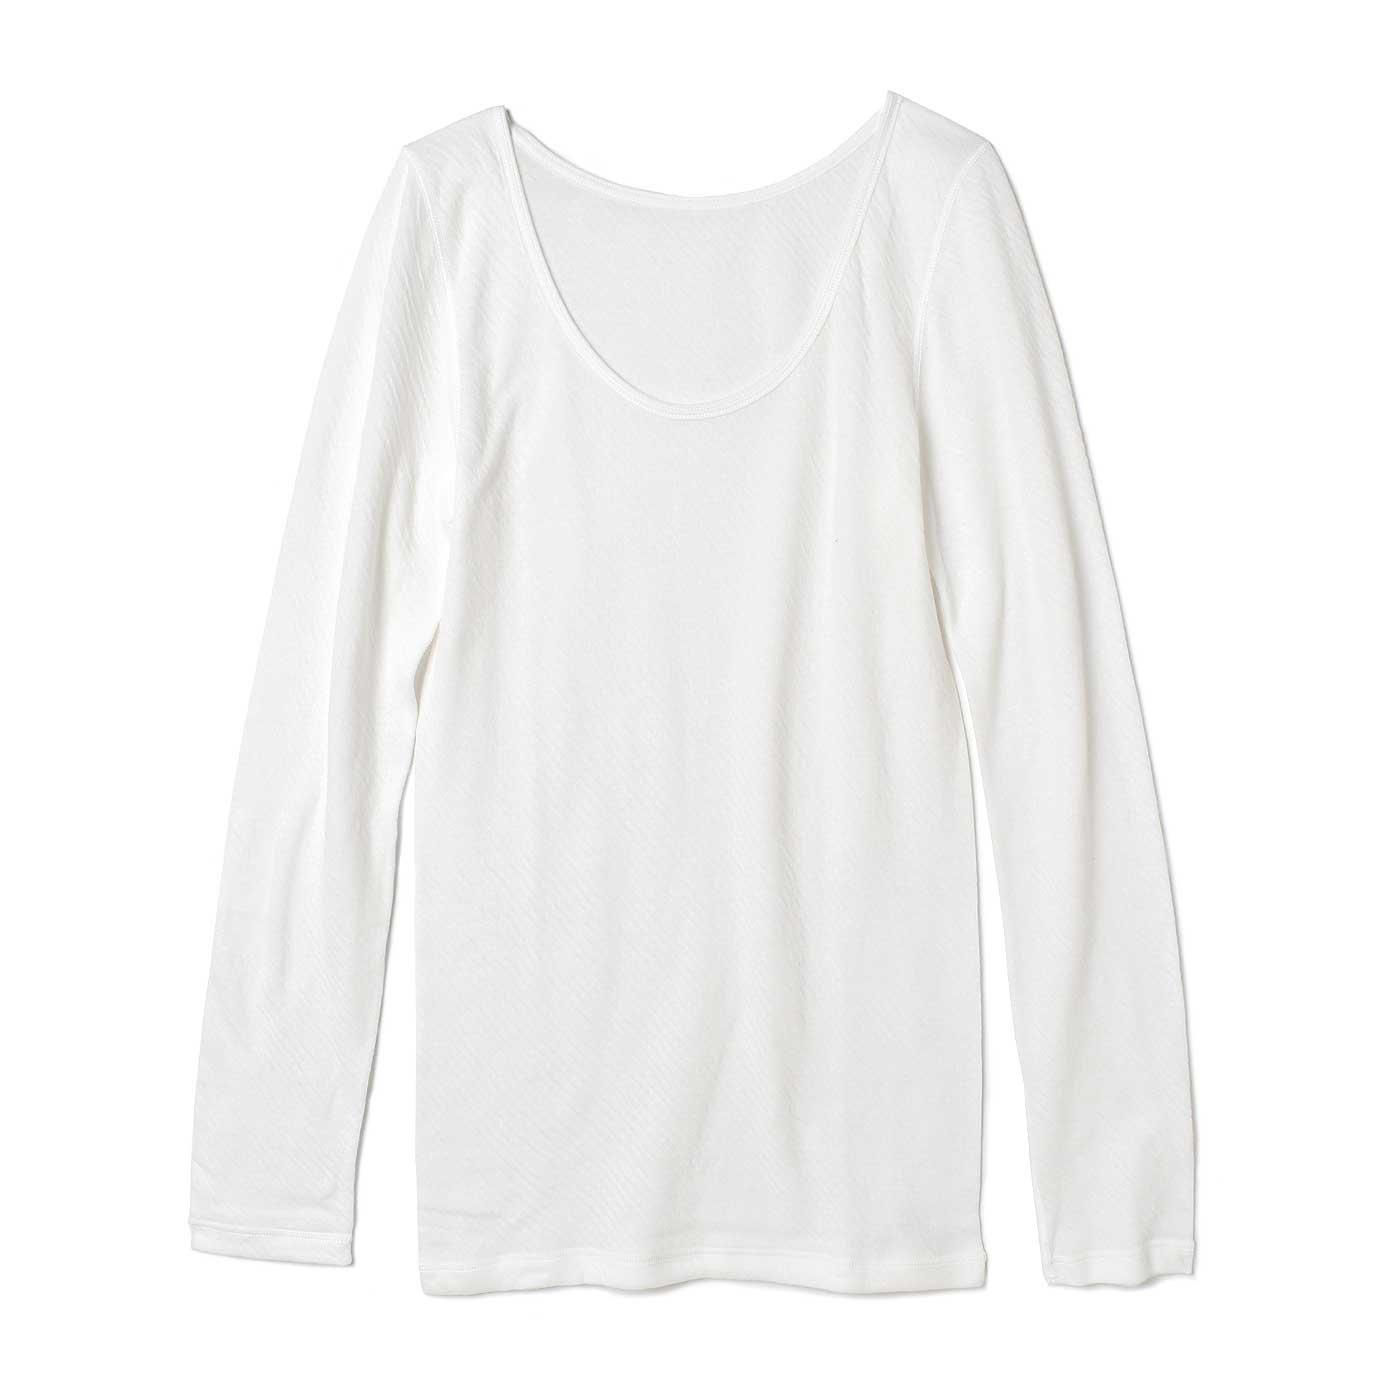 とことんやさしい肌当たり! ガーゼライクな綿100%ふわふわインナー〈長袖〉〈ホワイト〉